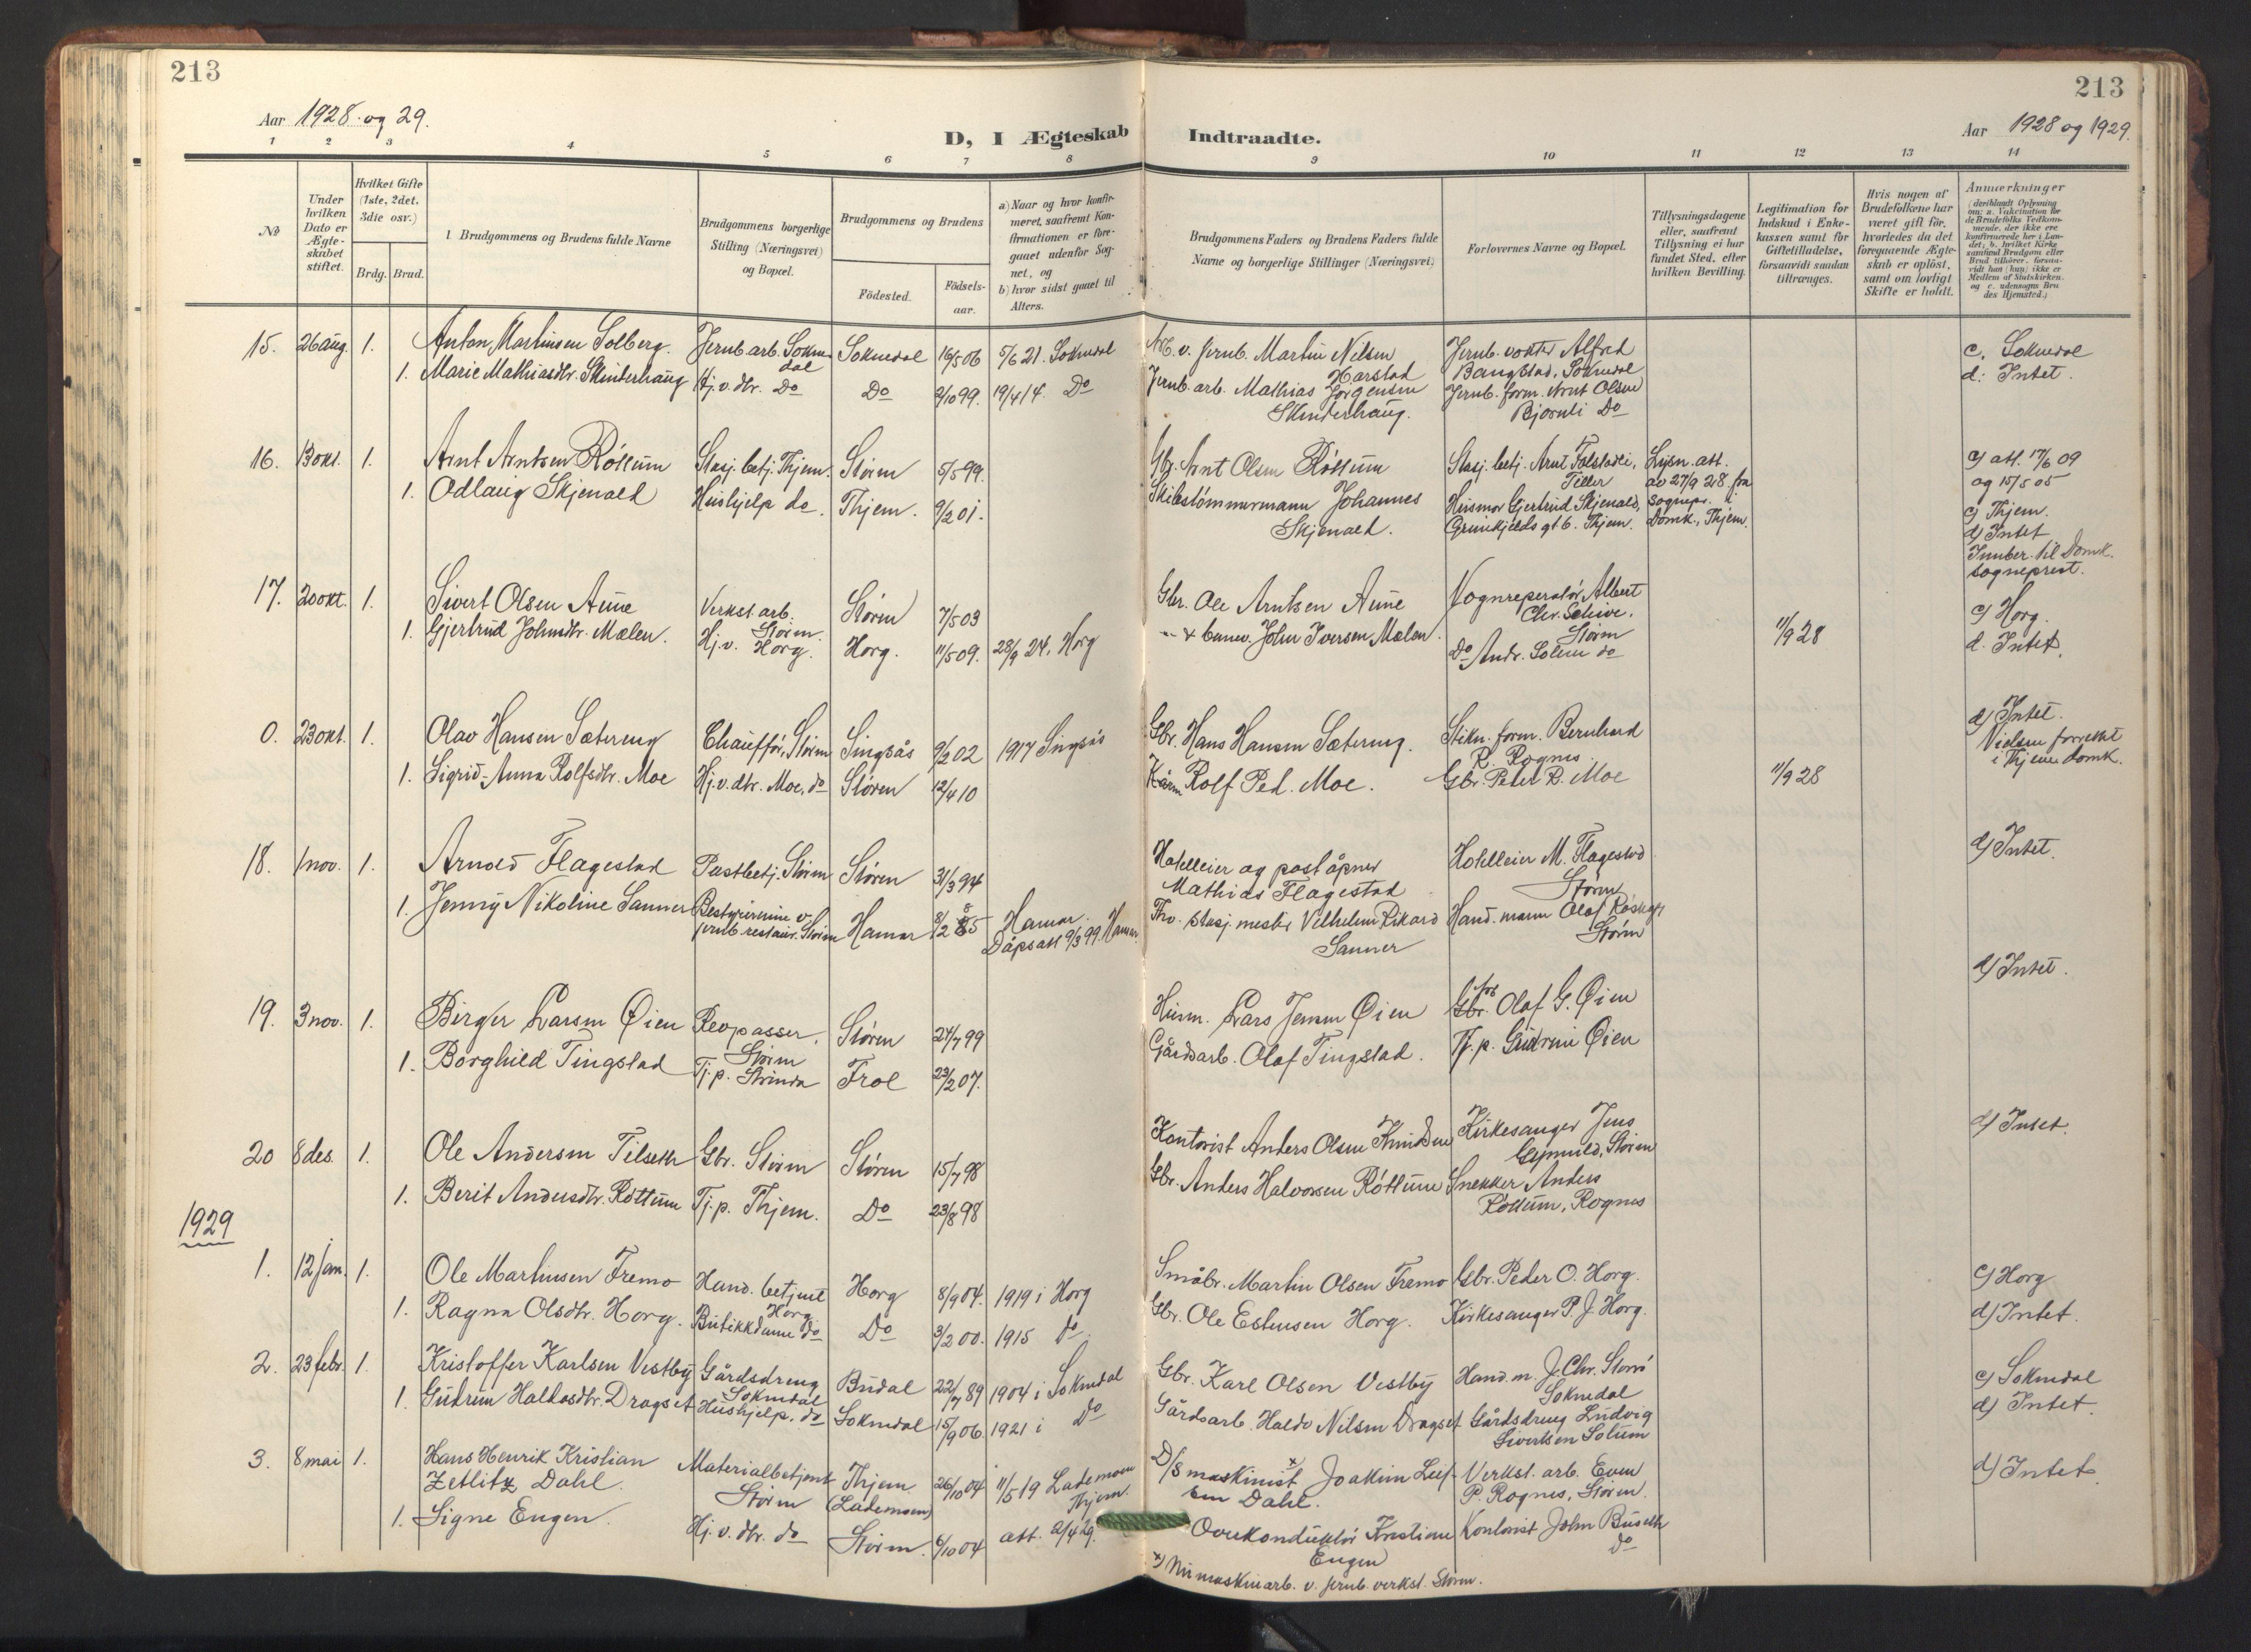 SAT, Ministerialprotokoller, klokkerbøker og fødselsregistre - Sør-Trøndelag, 687/L1019: Klokkerbok nr. 687C03, 1904-1931, s. 213